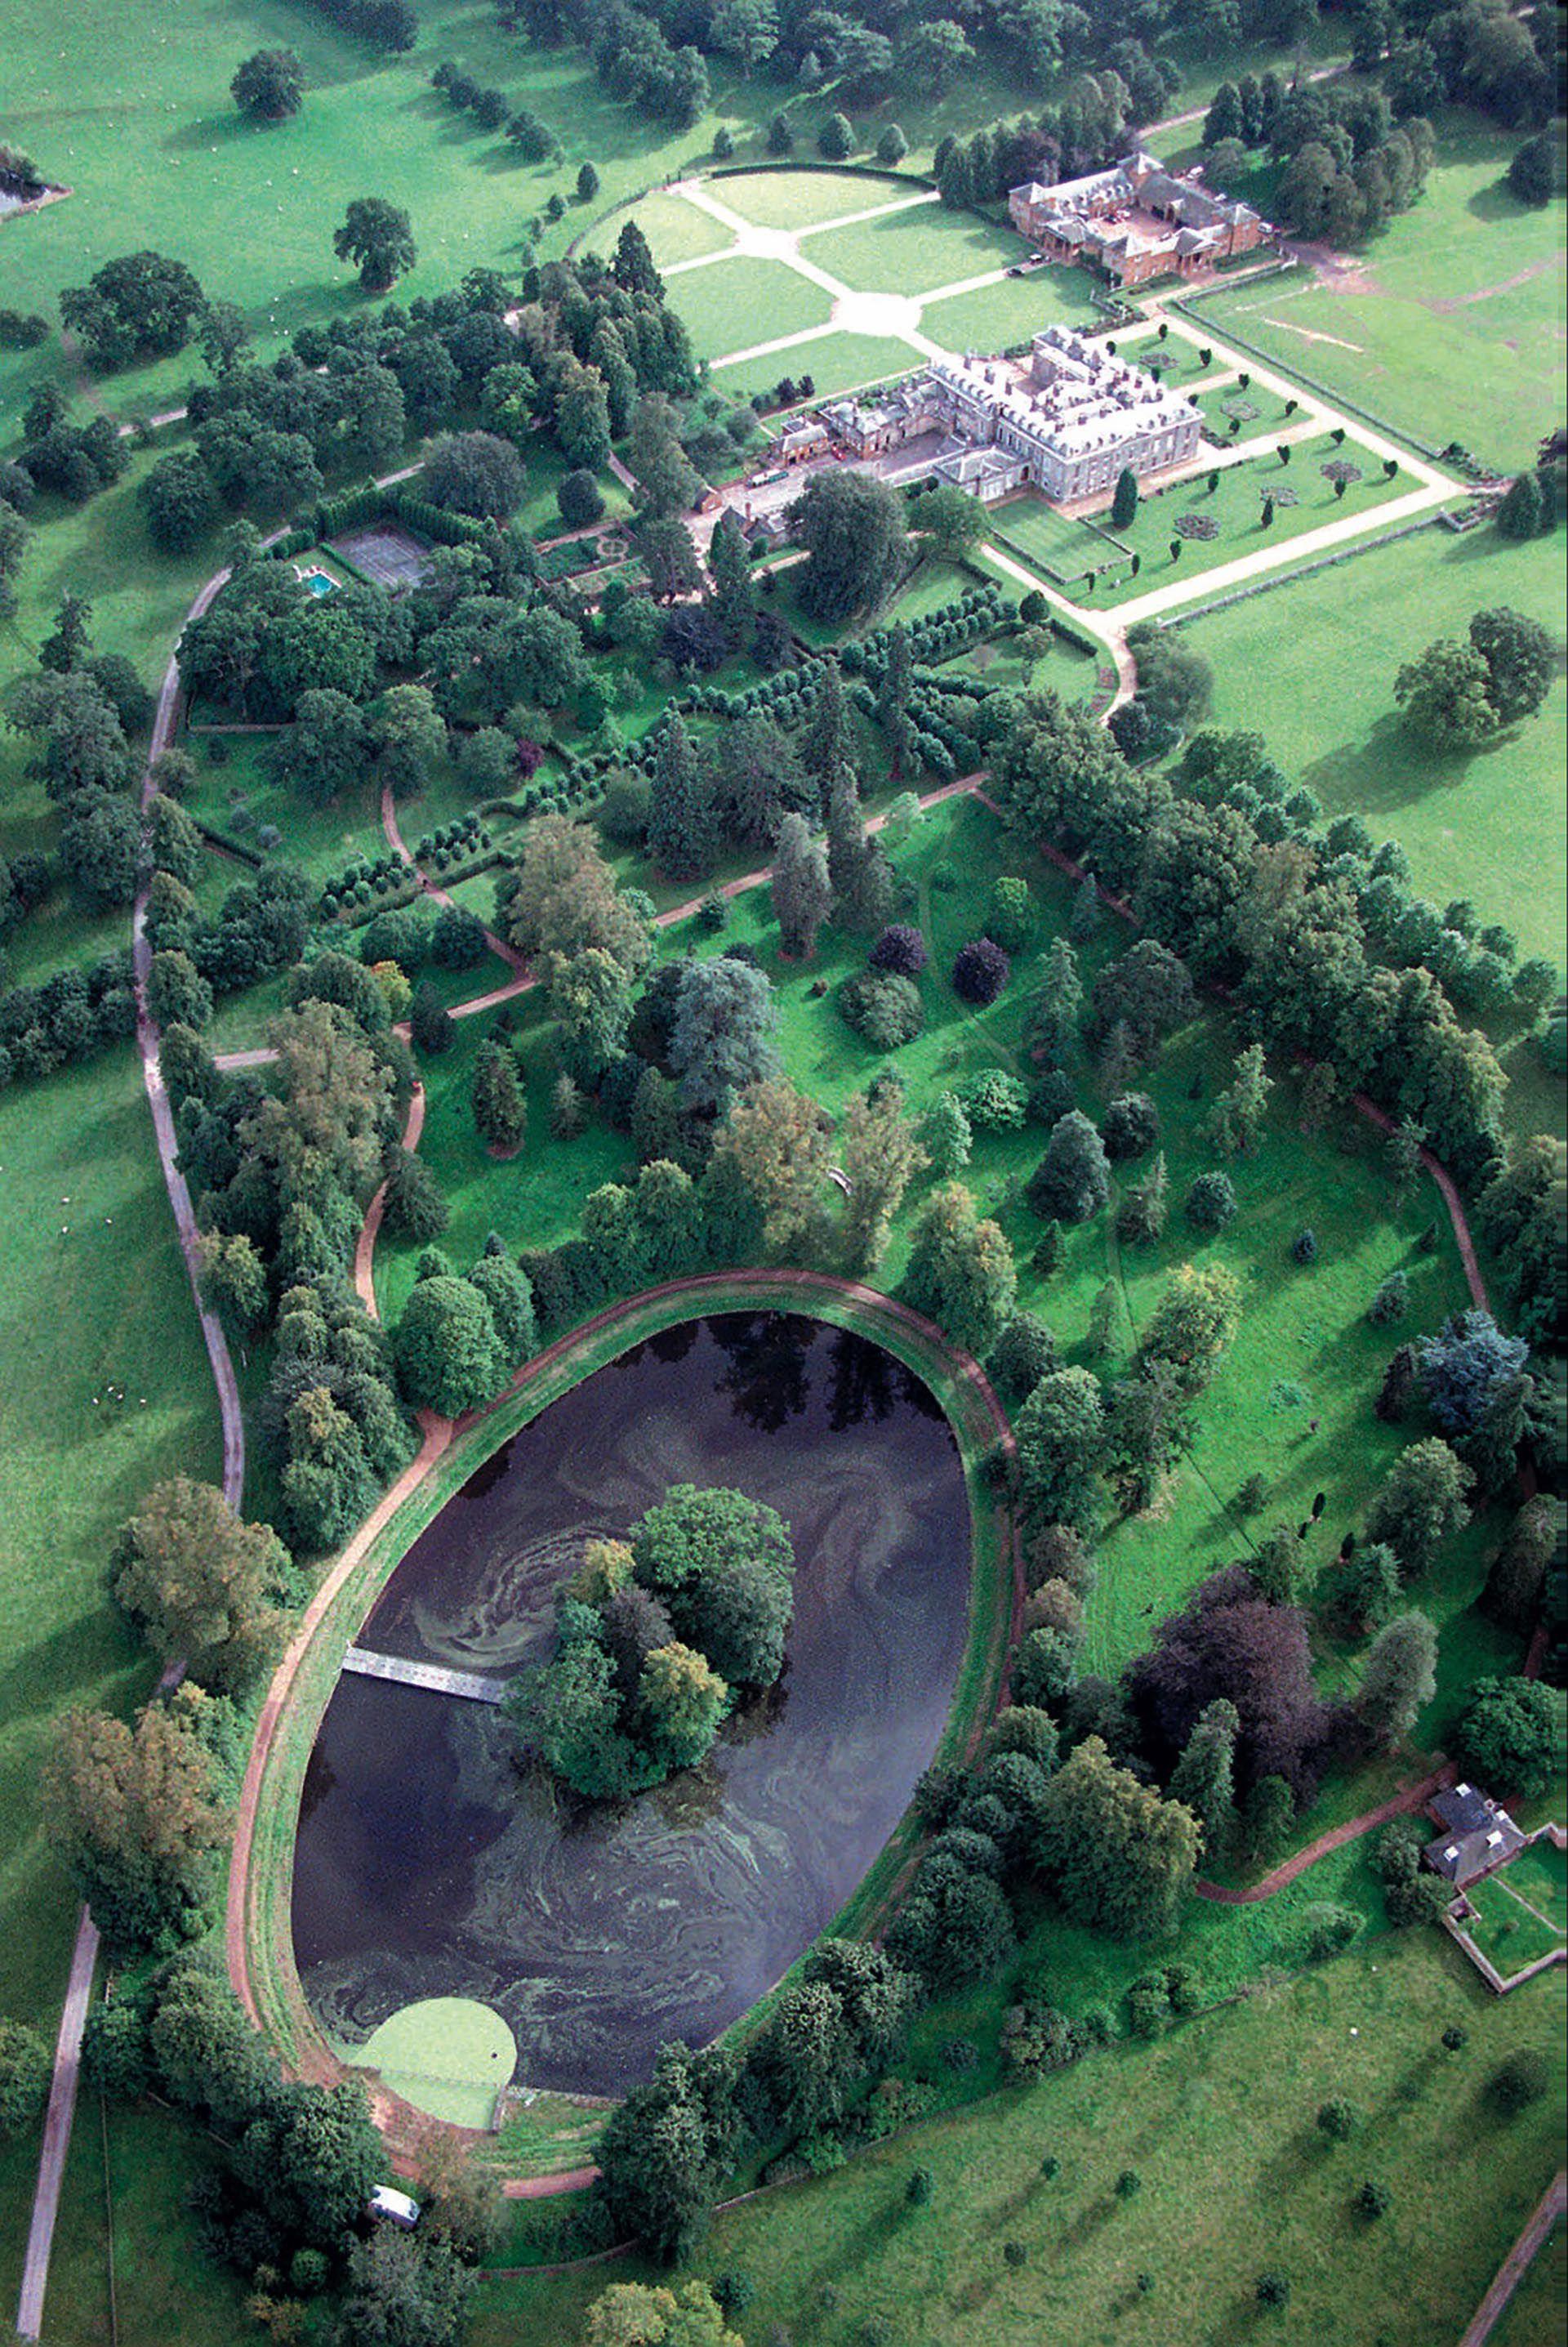 Vista aérea de la isla en el lago Oval. Allí descansa el cuerpo de la princesa de Gales.